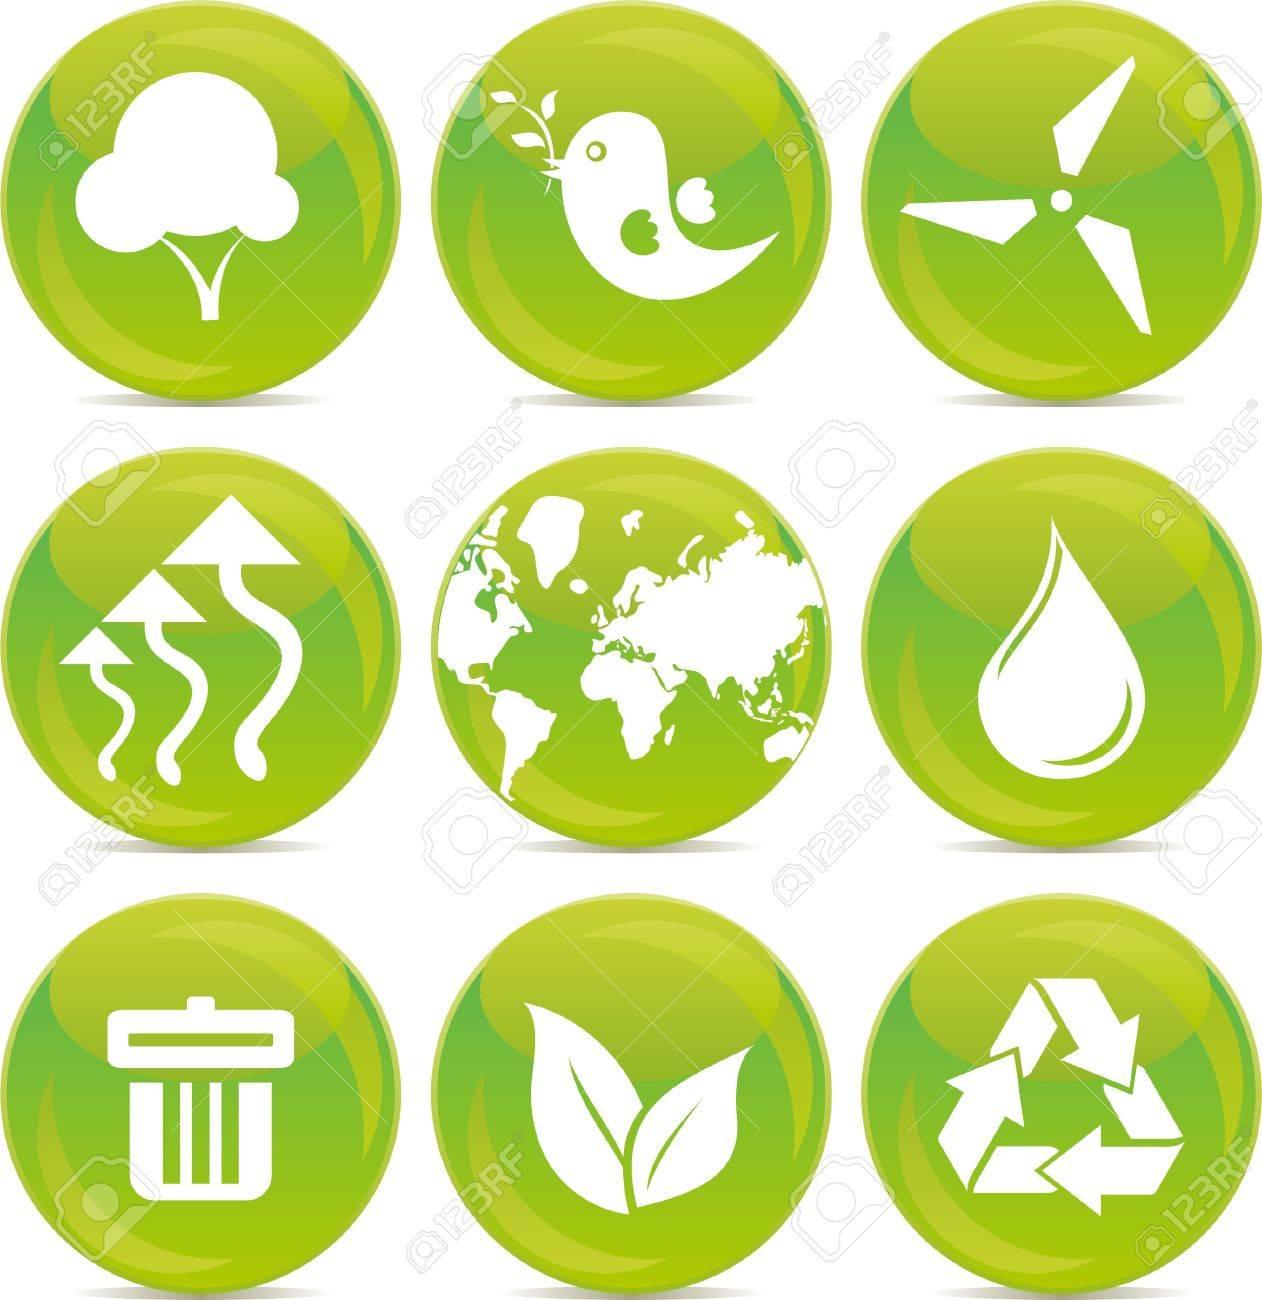 environmental icons Stock Vector - 10952147